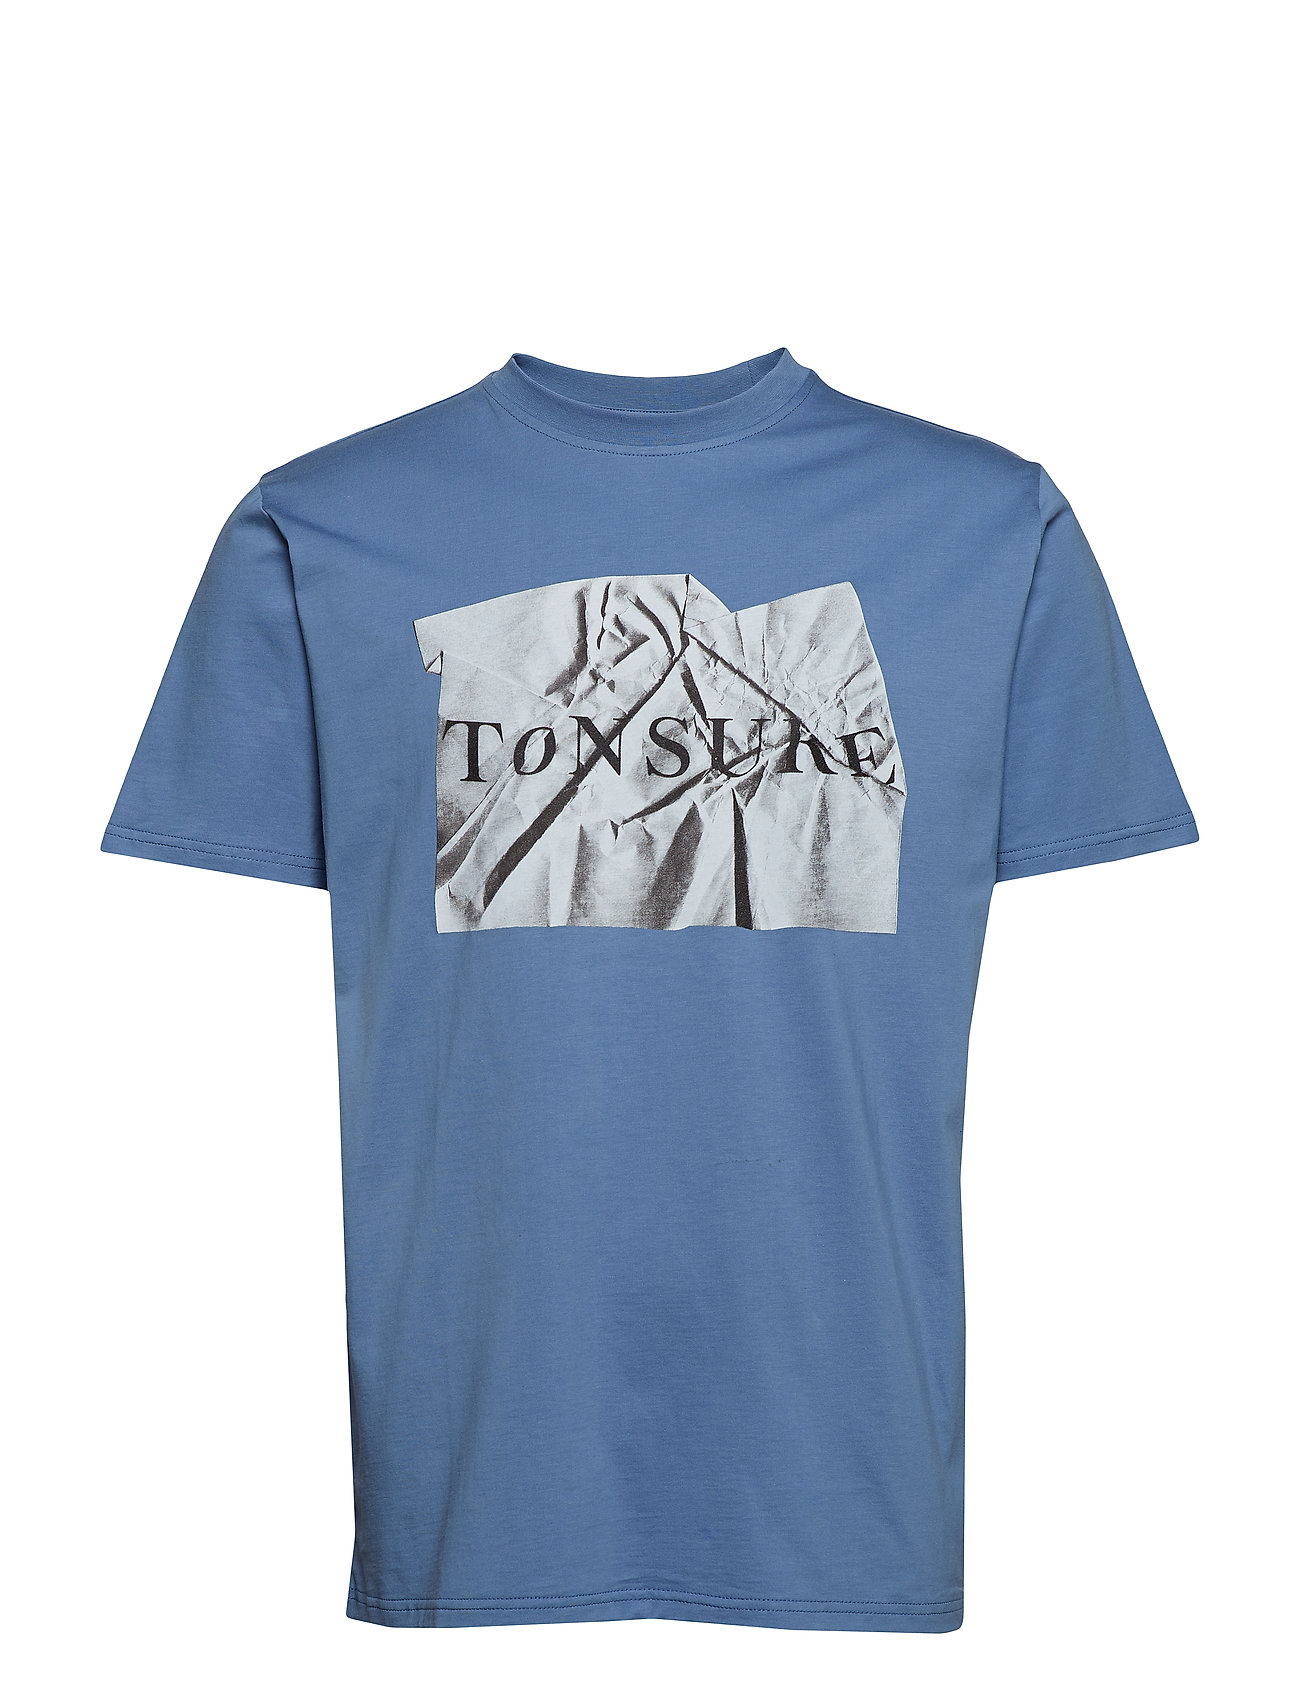 Tonsure T-shirt - BLUE